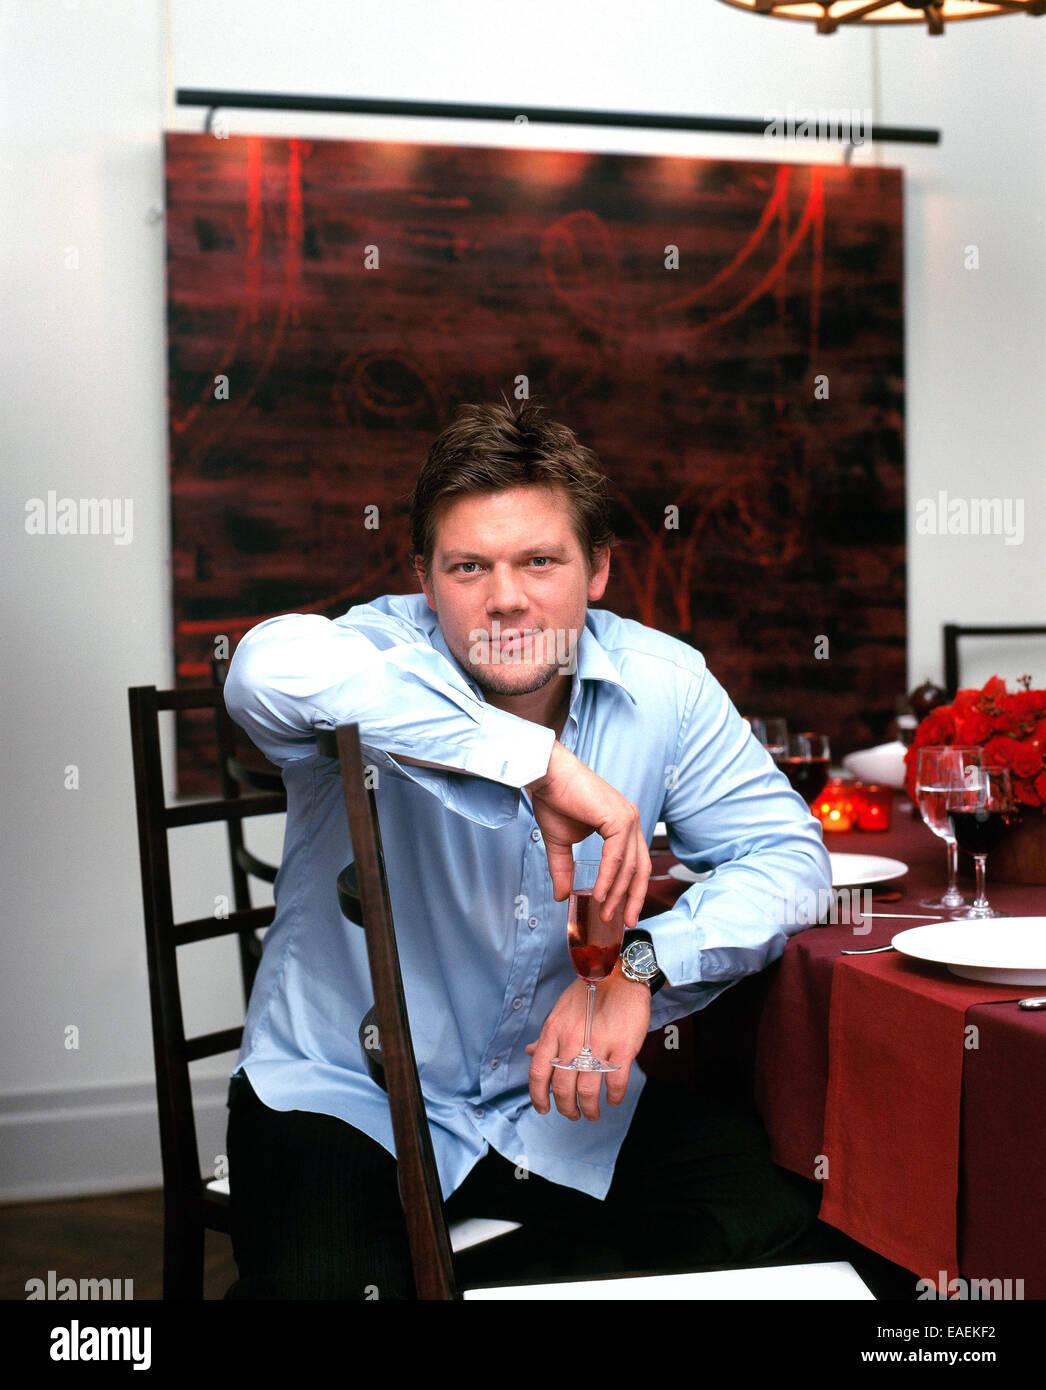 La televisione celebrity chef Tylor Firenze si siede al tavolo da pranzo Immagini Stock